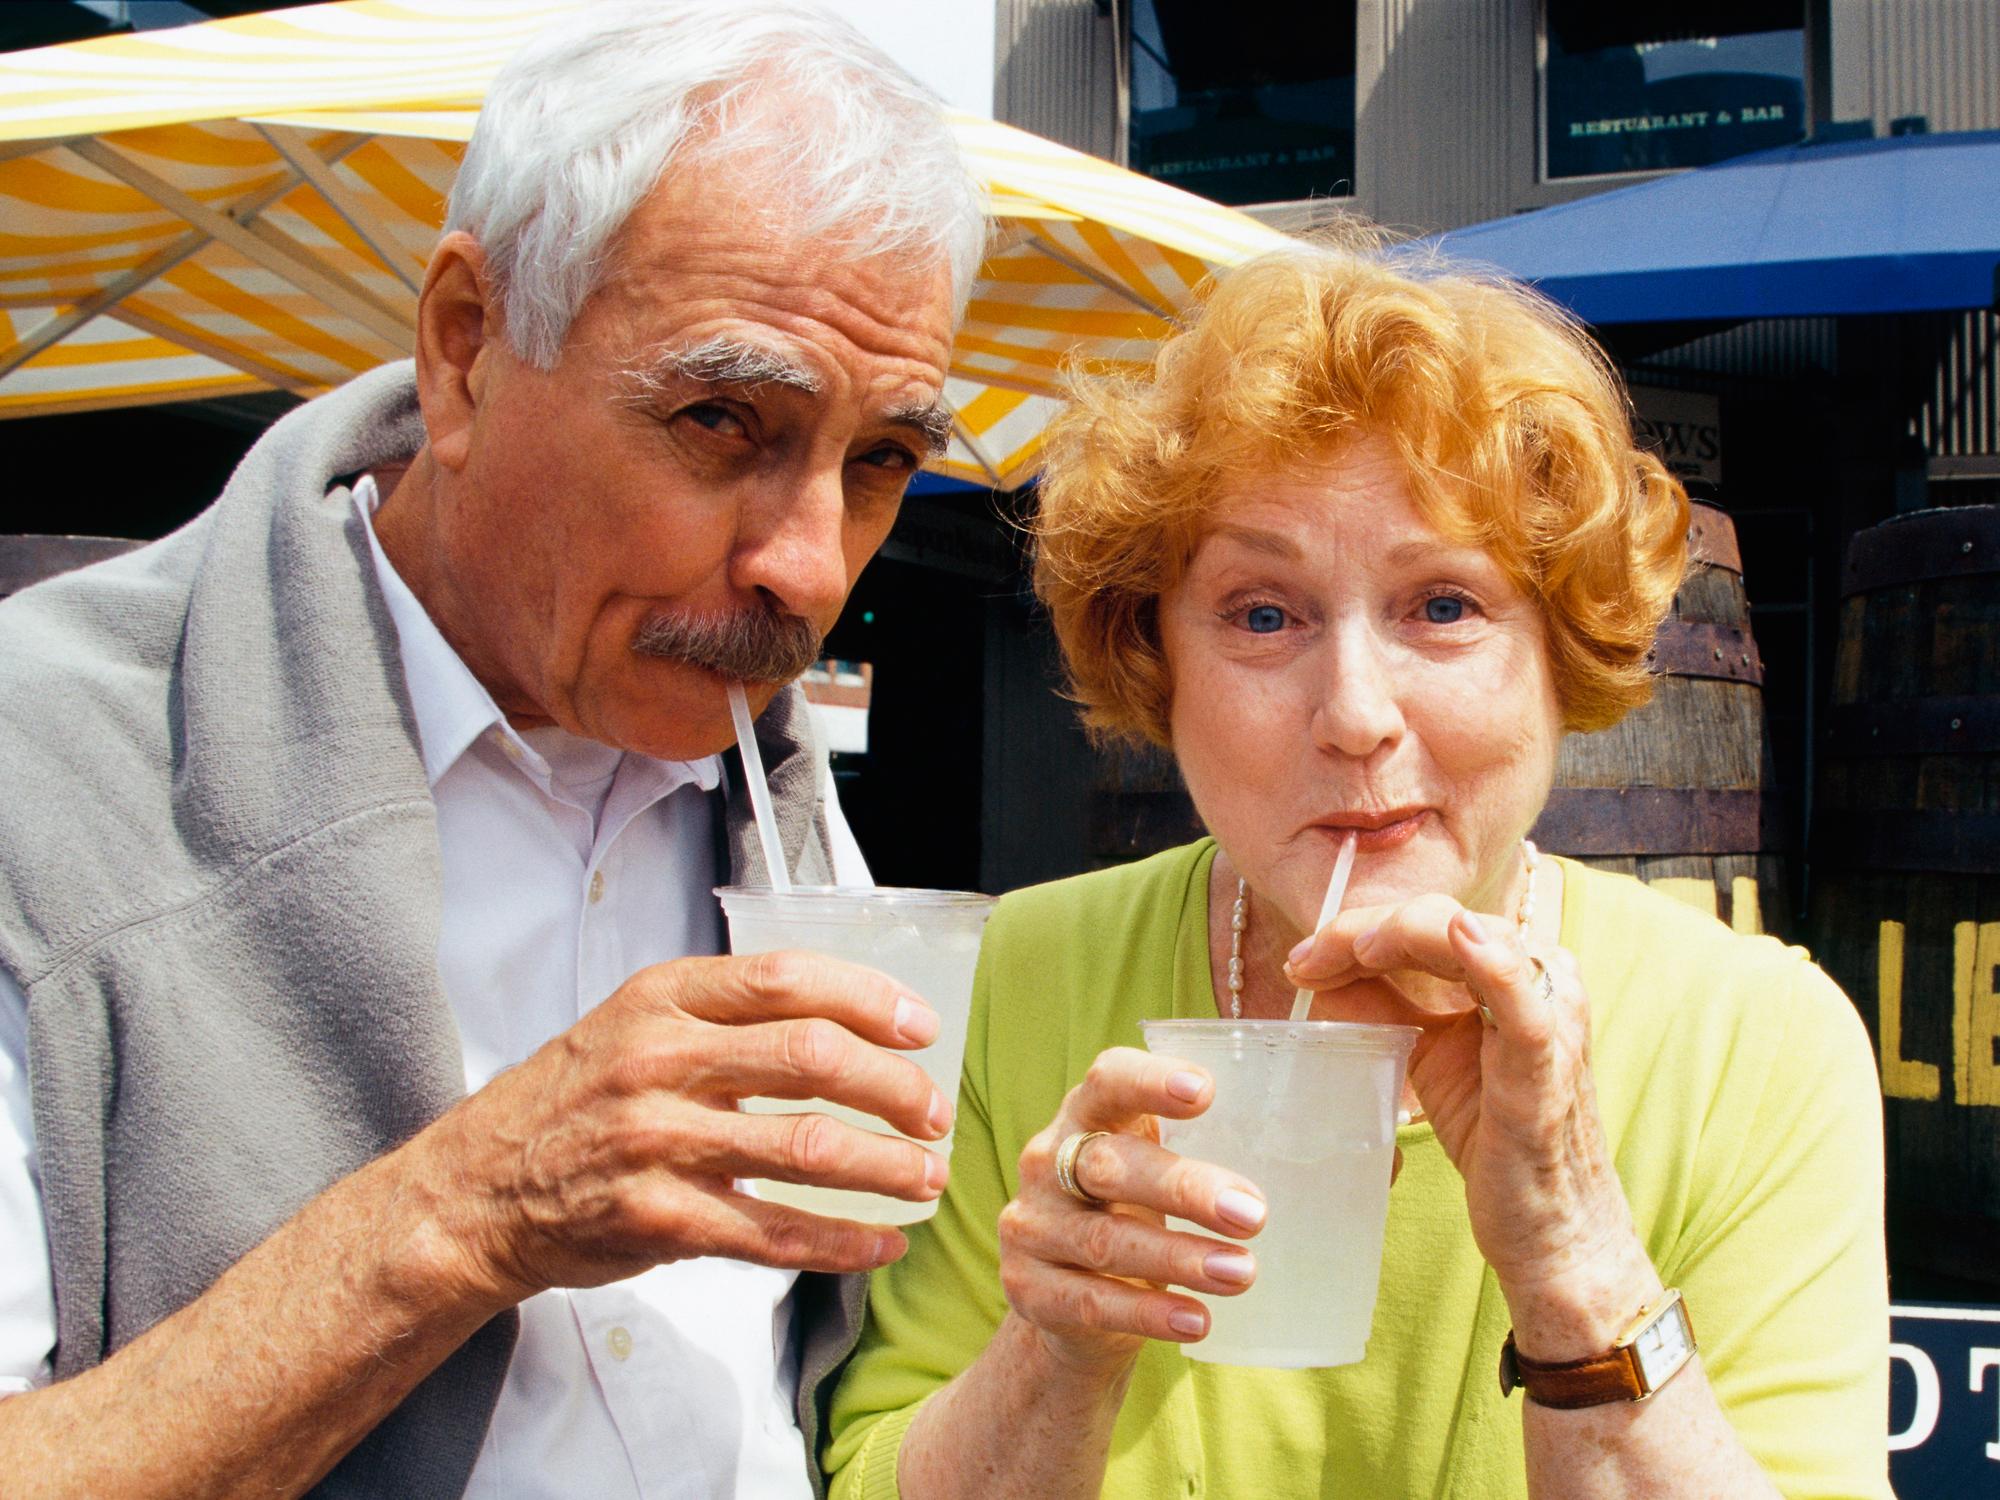 Sweet relief for kidney stones: Lemonade